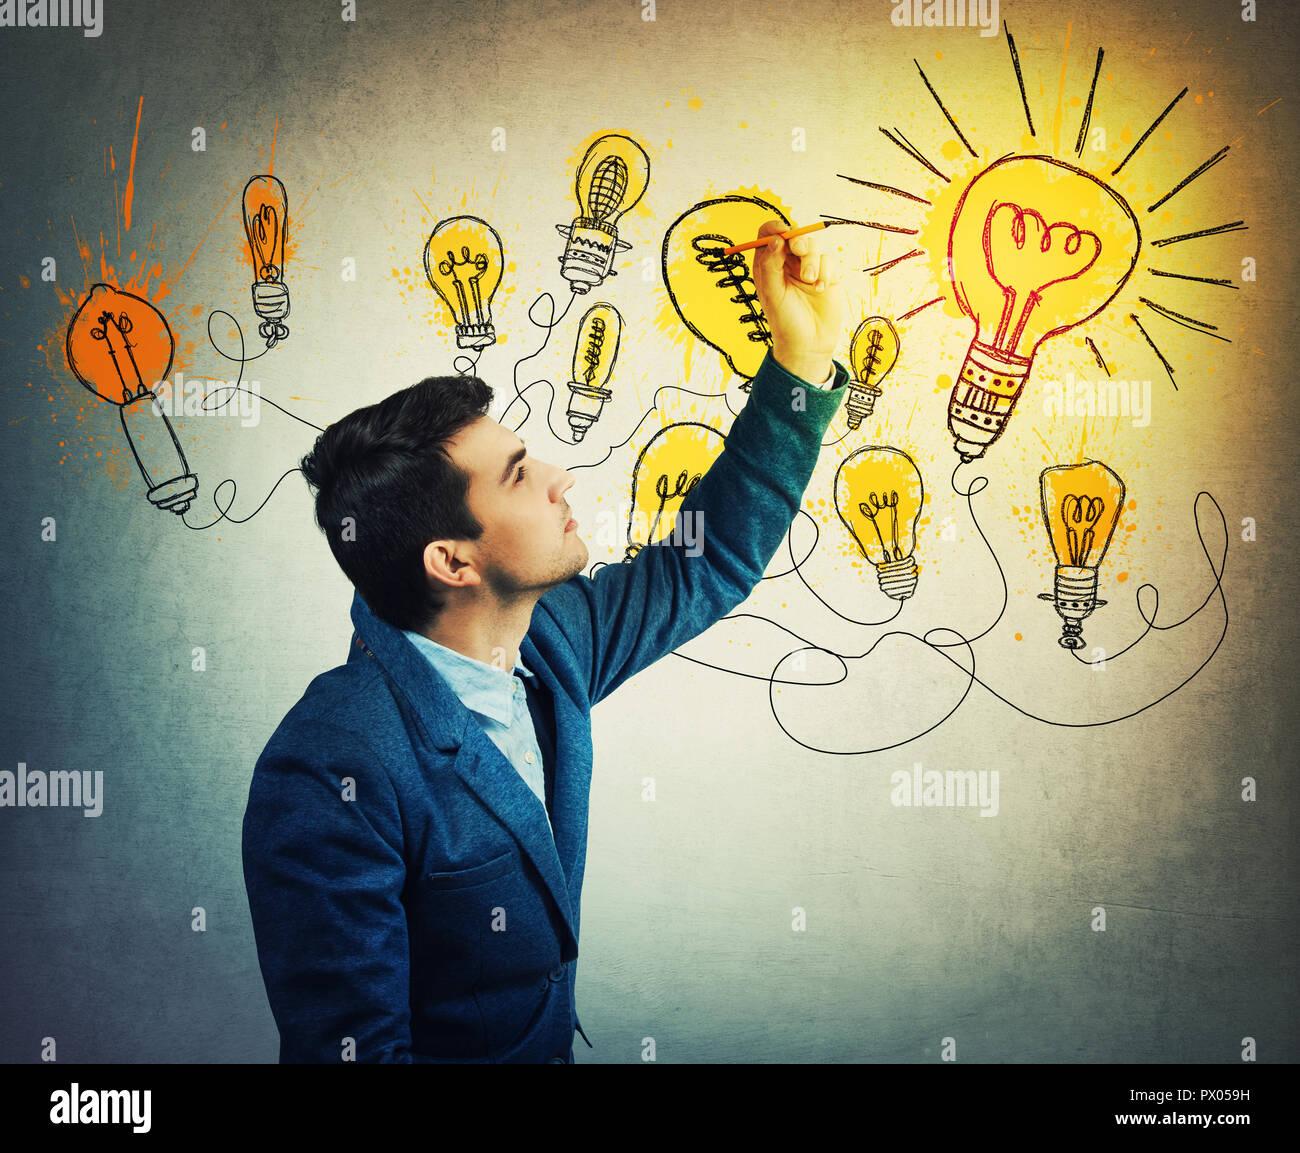 Empresario reflexivo imaginativo dibujo bombillas de luz brillante. Pensamiento empresarial diferente, genio creativo concepto, idea alternativos como el camino a Imagen De Stock